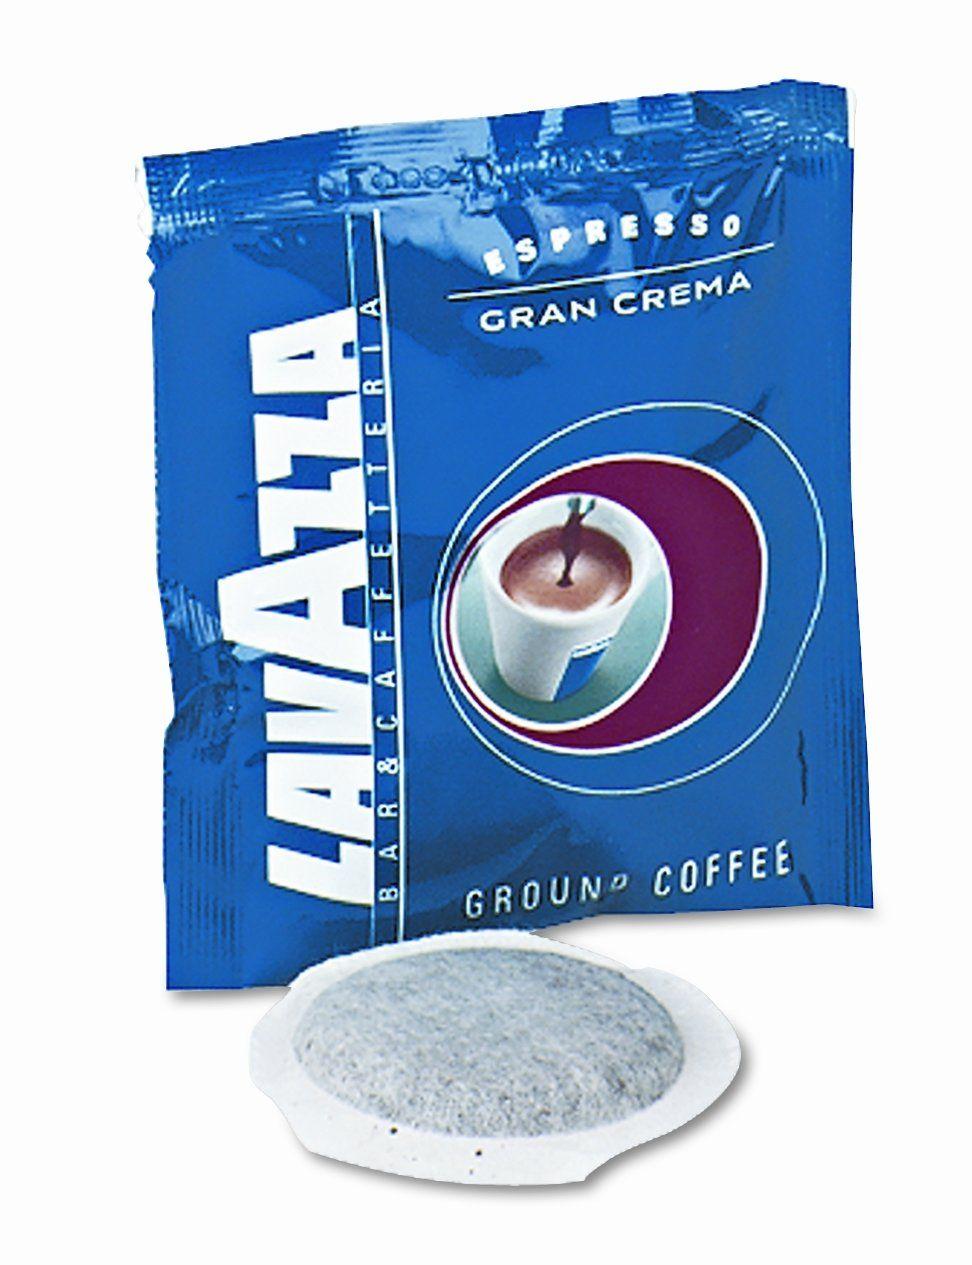 Gran Crema Espresso Coffee Pods Espresso coffee, Coffee